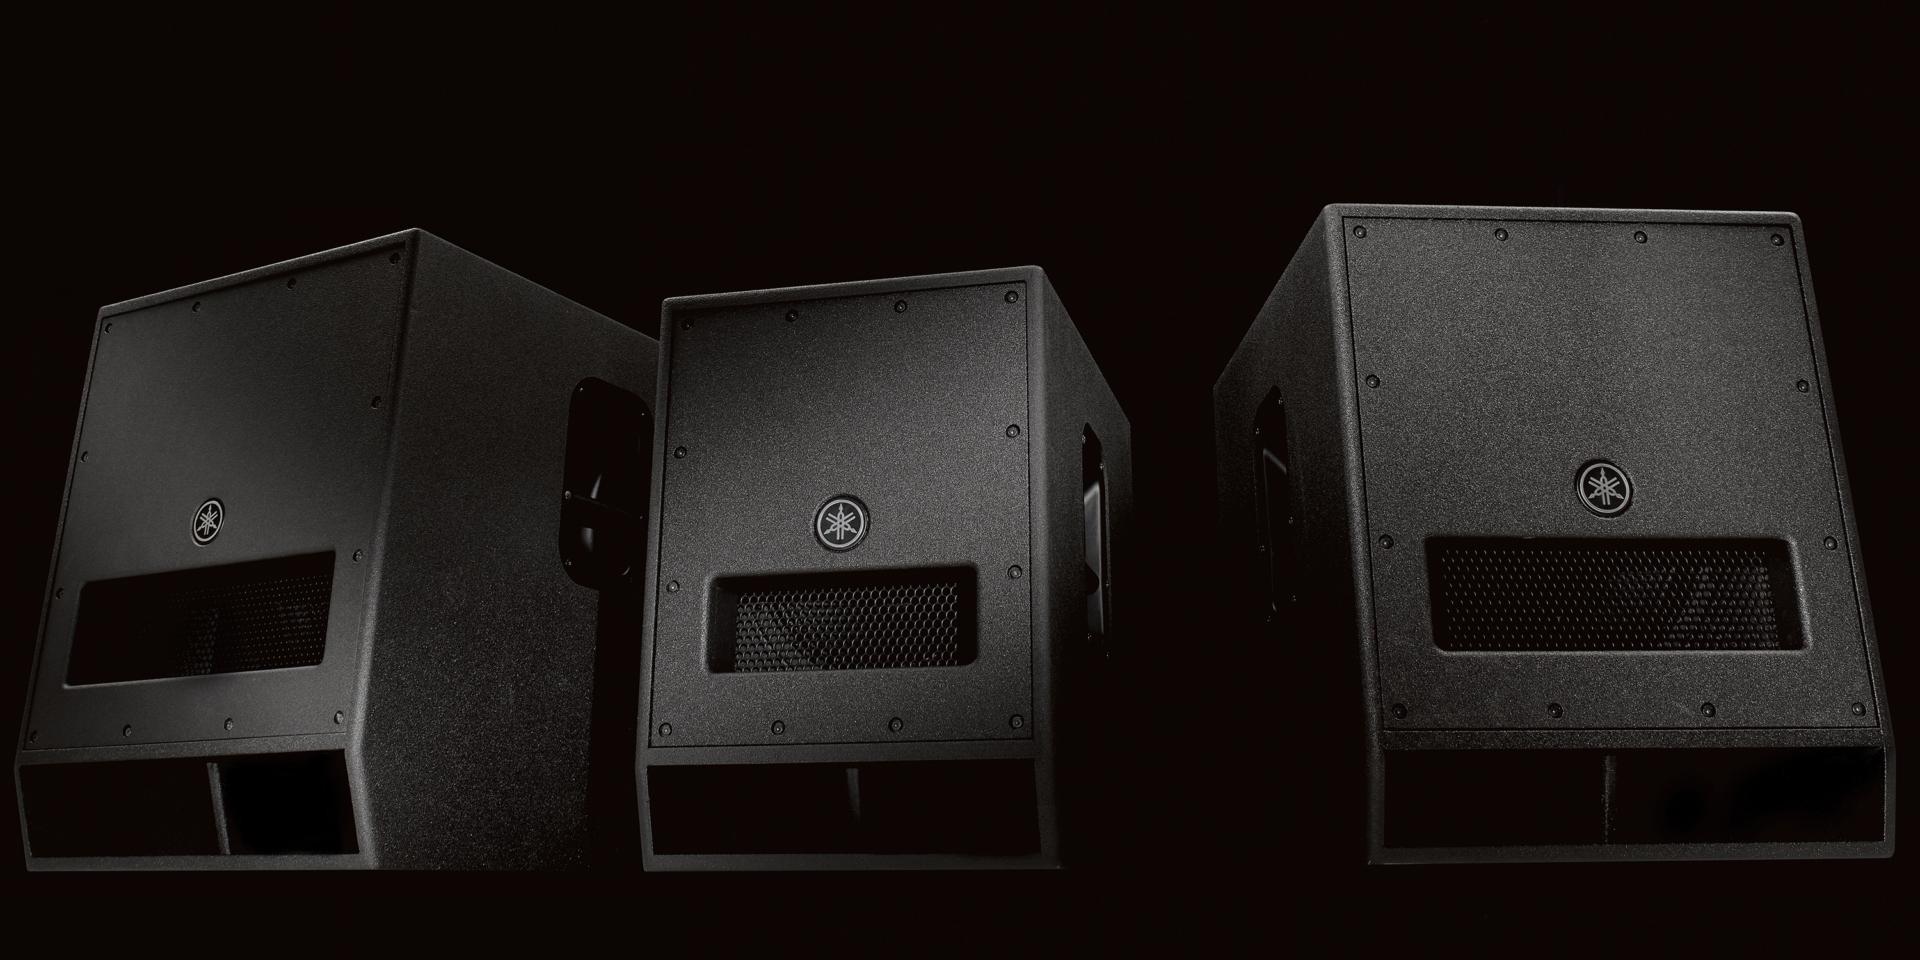 I modelli SubWoofer serie DXS Yamaha sono dotati di DSP interna che ne grarantisce protezione, controllo, versatilità e una perfetta compatibilità con l'intera gamma Yamaha DSR, DXR, DBR. Con un amplificatore in classe D ad alte prestazioni, il DXS è in grado di generare fino a 1020 W di potenza con un SPL massimo di 136 dB.